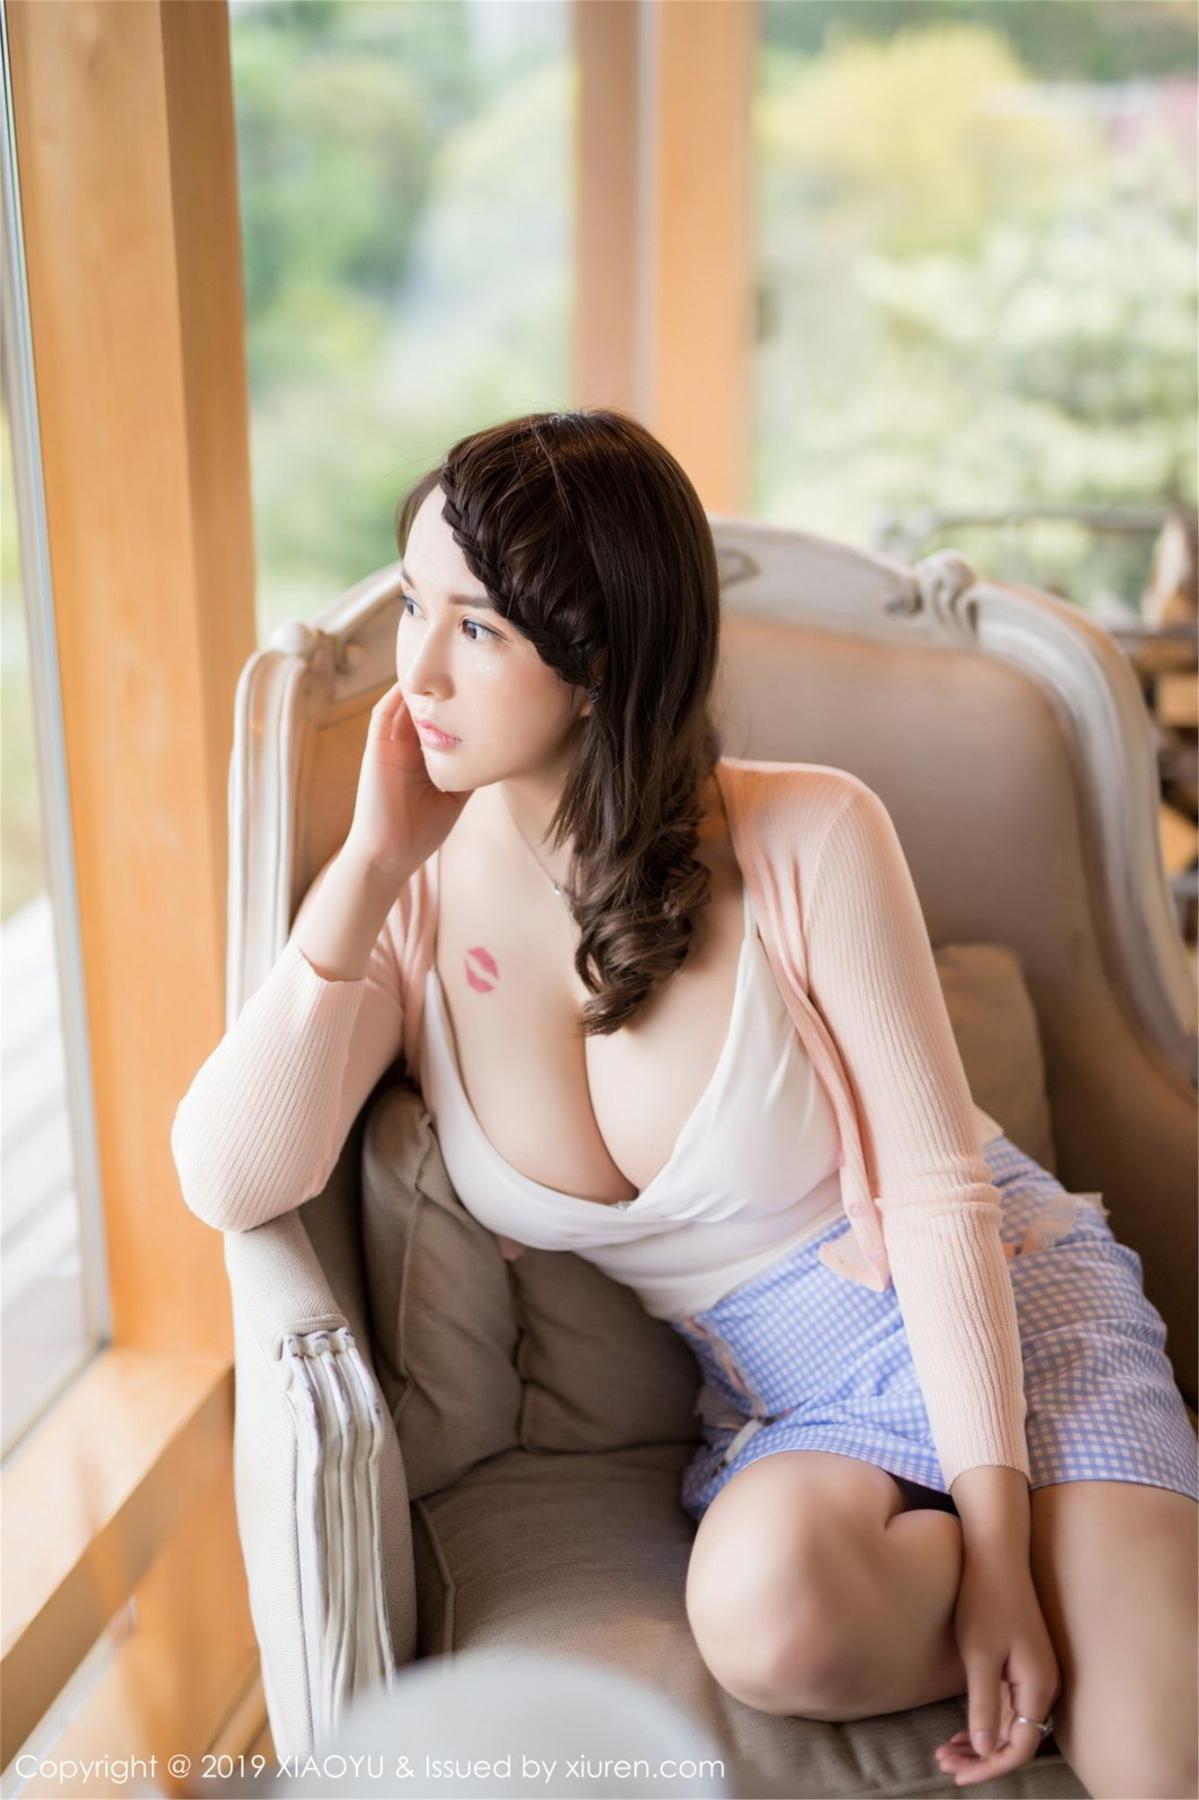 [XiaoYu] Vol.080 Shen Mi Tao 44P, Shen Mi Tao, XiaoYu